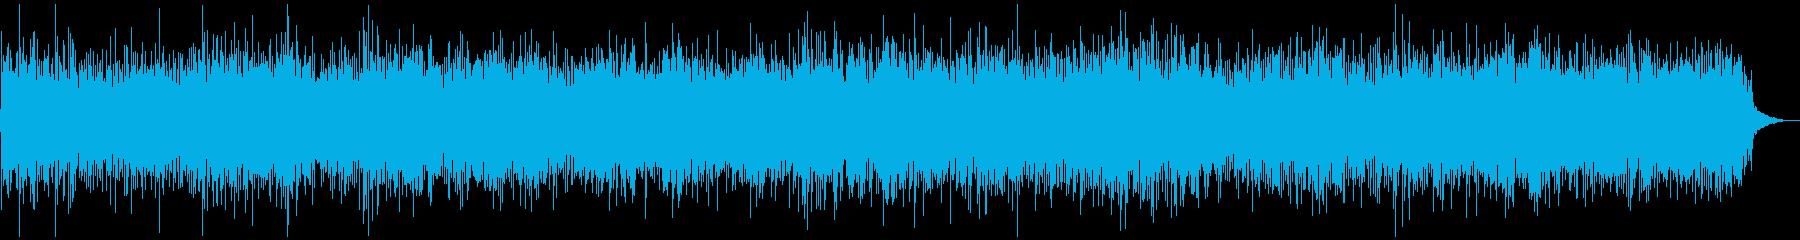 軽快マンドリンソロ、ブルーグラスの再生済みの波形